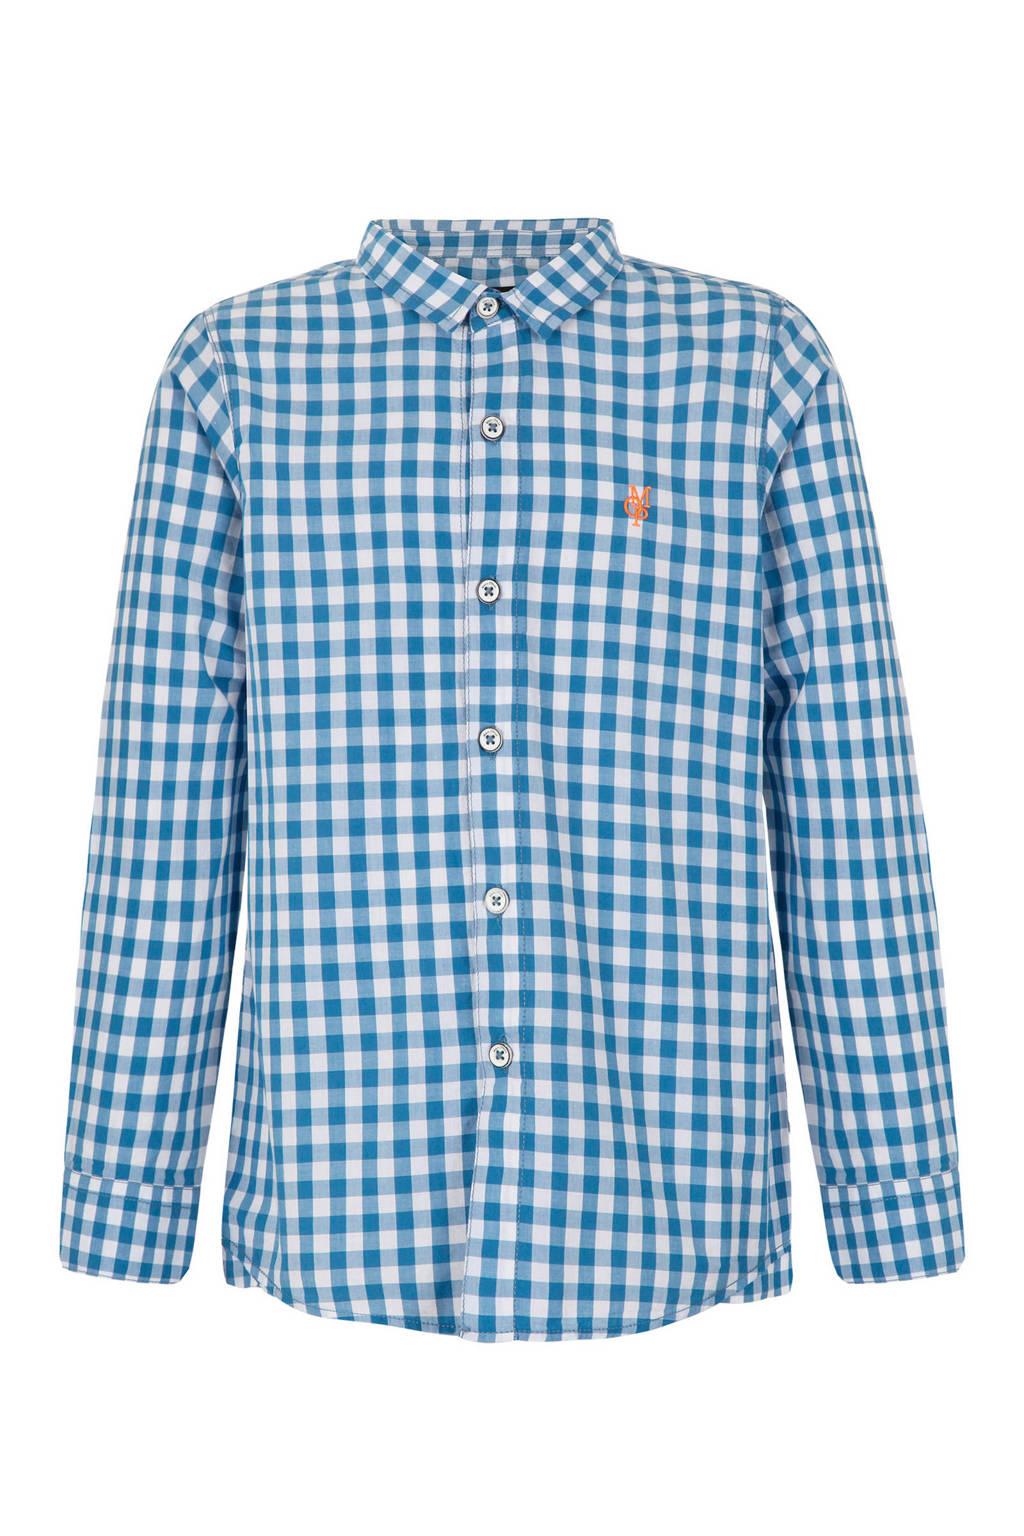 Marc O'Polo geruit overhemd blauw, Blauw/wit